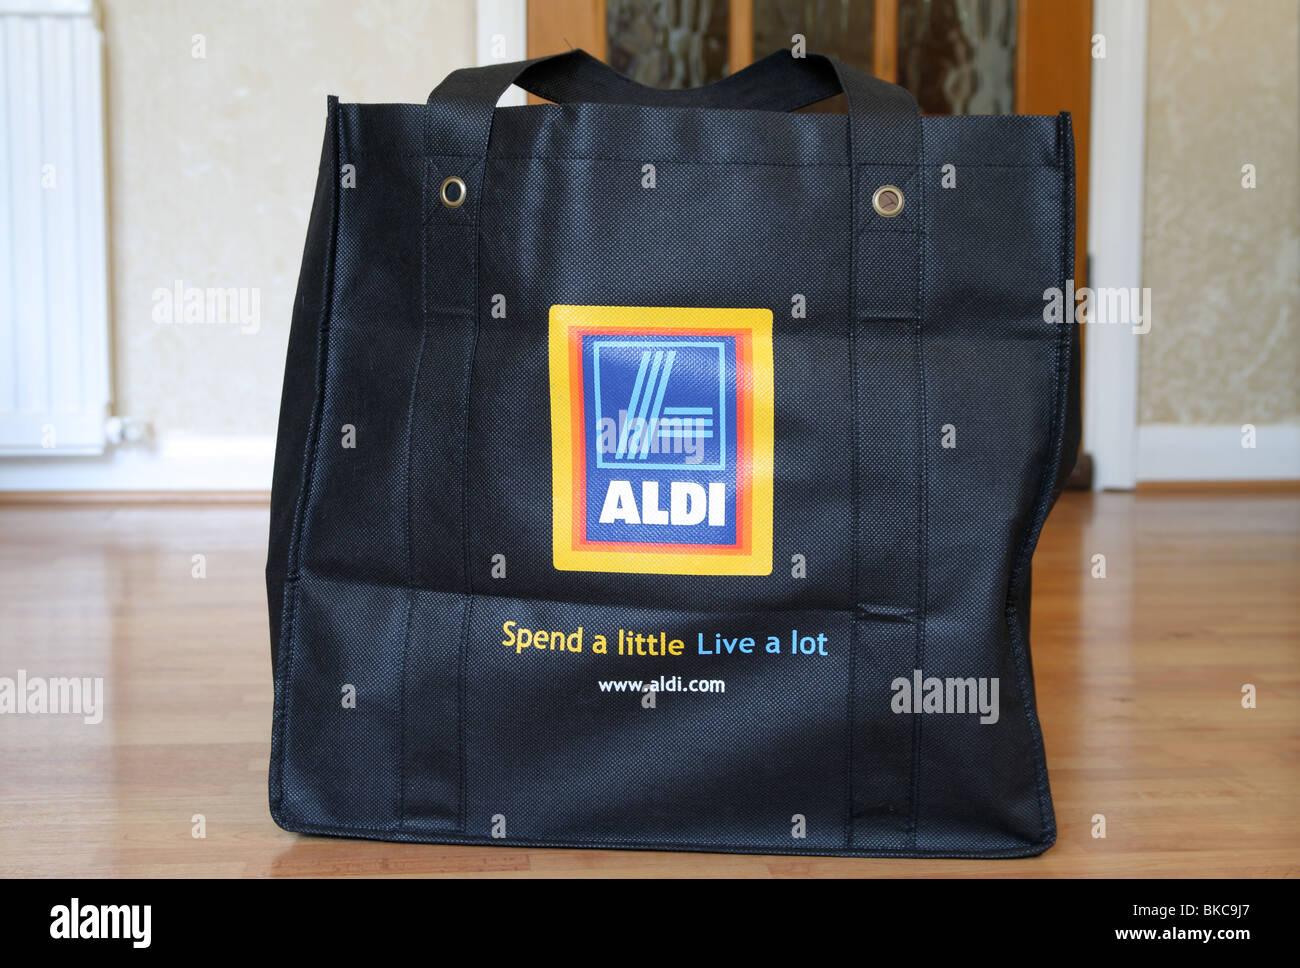 Aldi Kühlschrank Aktion : Aldi einkaufstasche stockfotos aldi einkaufstasche bilder alamy